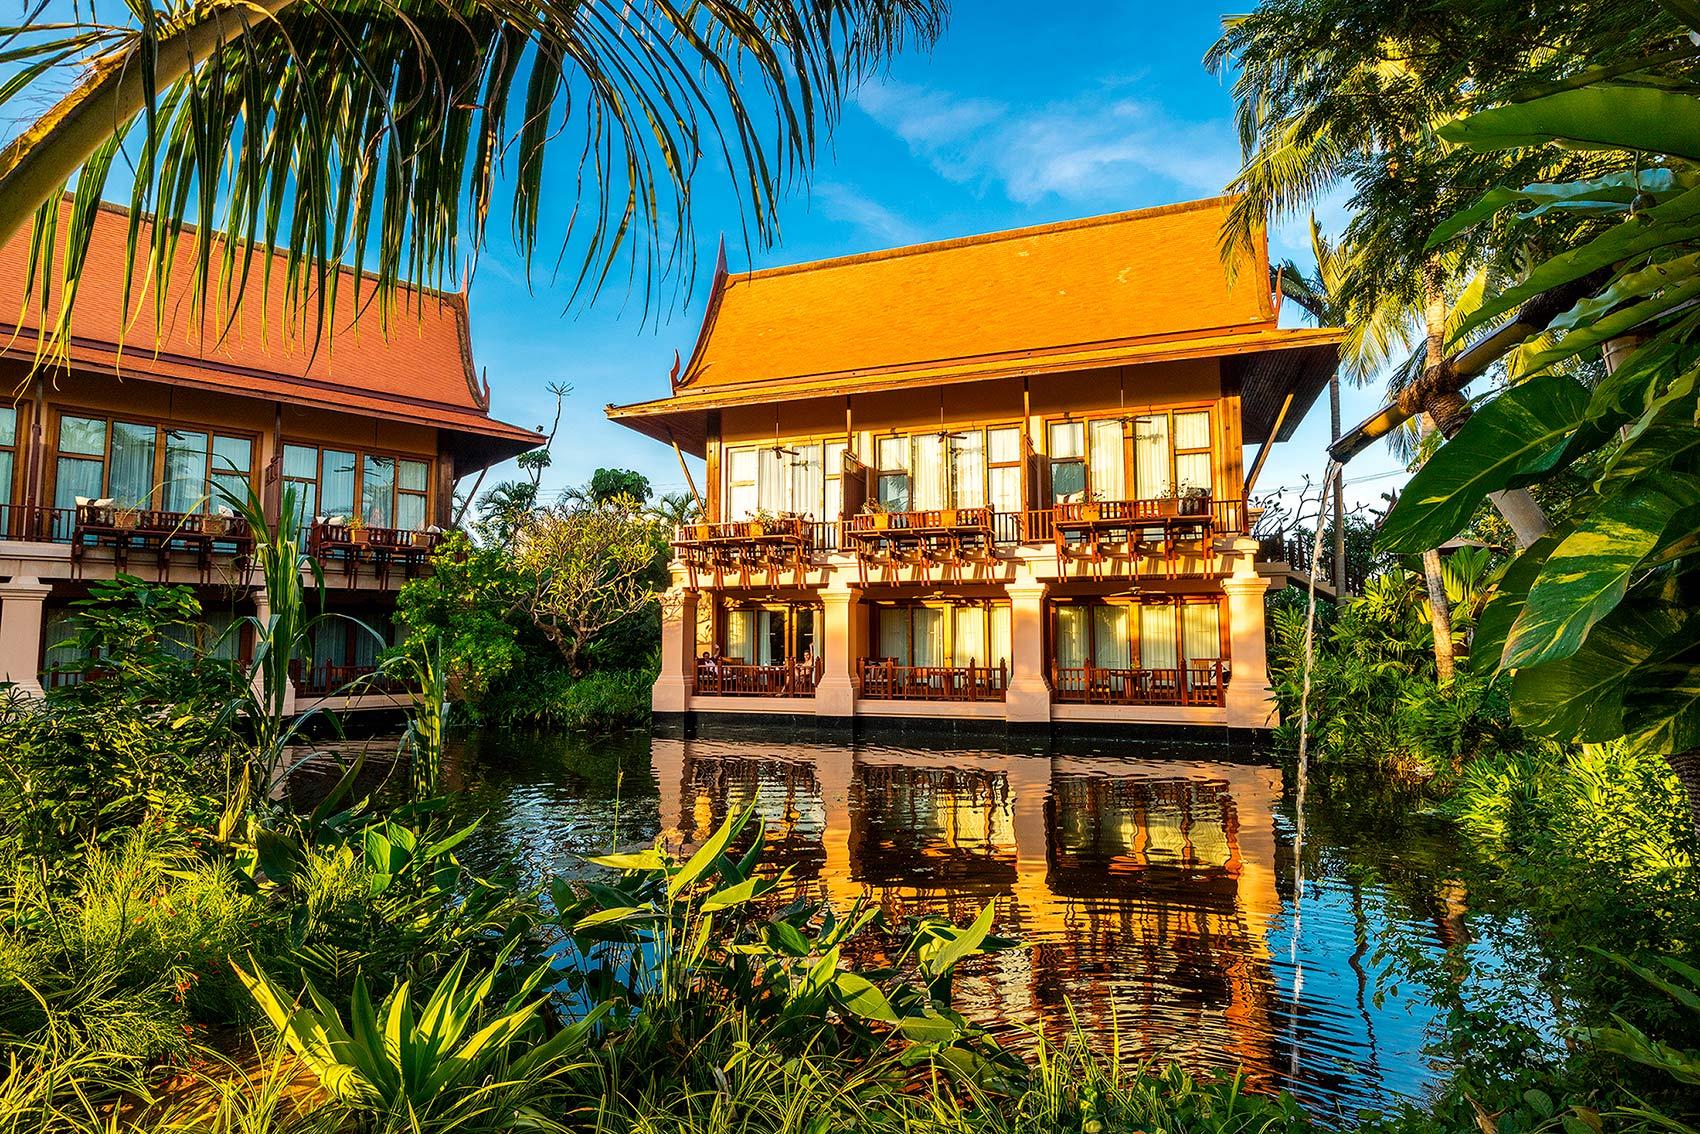 อนันตราหัวหิน รีสอร์ท Anantara Hua Hin Resort  อนันตราหัวหิน รีสอร์ท Anantara Hua Hin Resort Anantara Resort Hua Hin